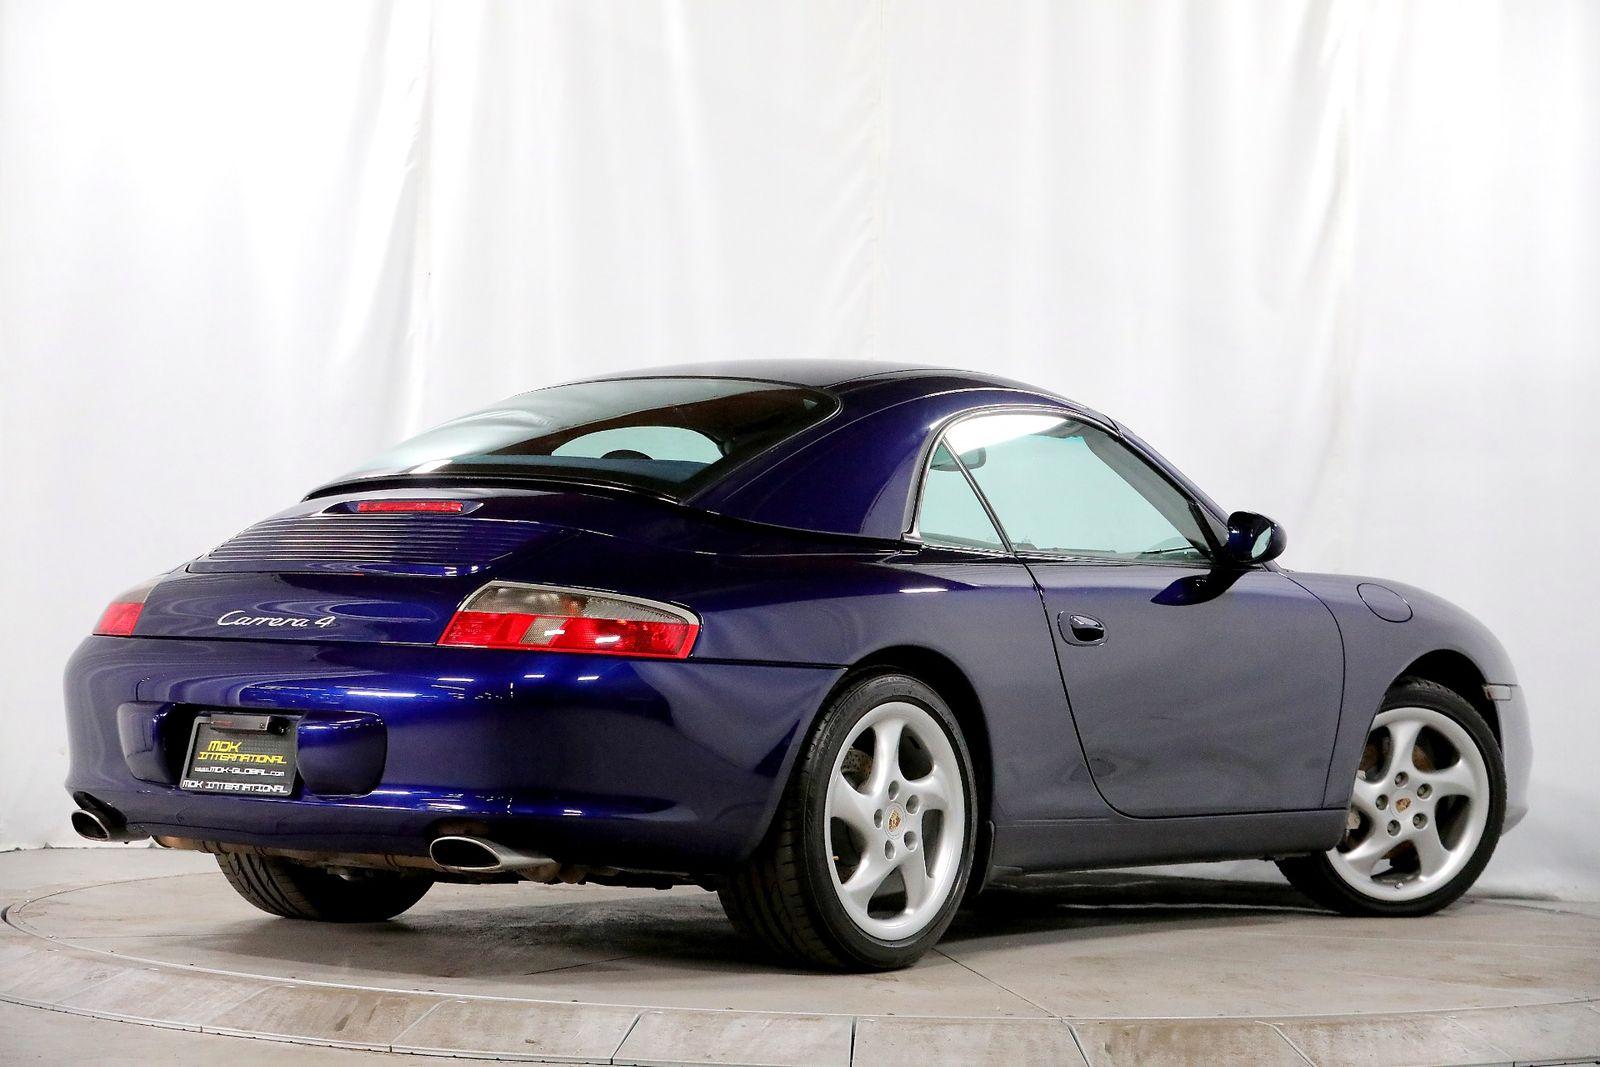 2002 Porsche 911 Carrera Manual Hardtop Xenon Headlights City